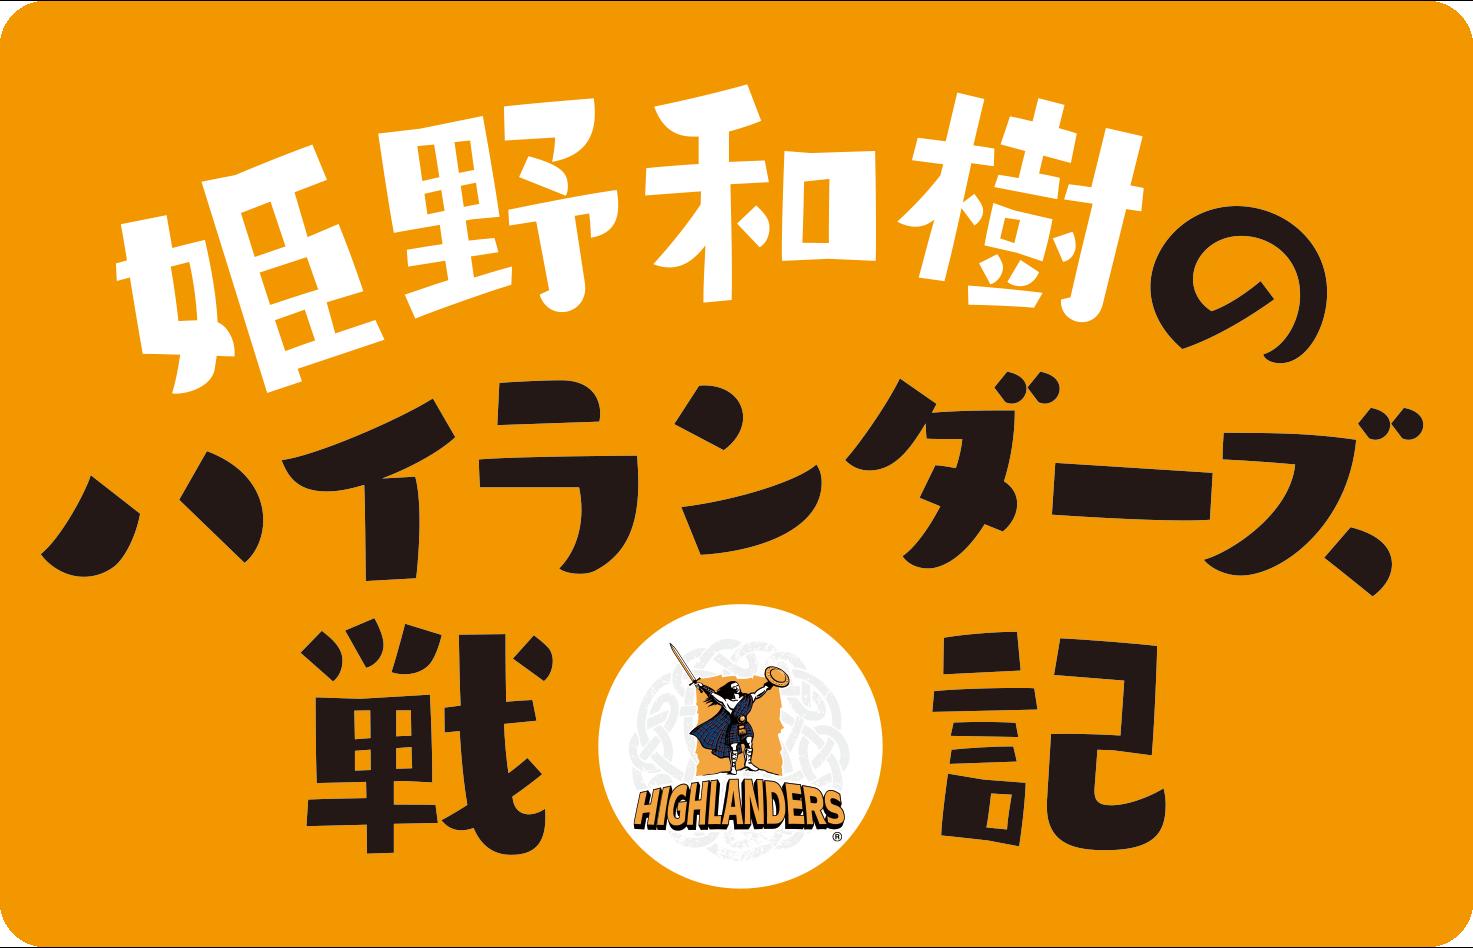 ラグマガ4月号のココ、要チェック! 姫野和樹の新連載に松島幸太朗からメッセージも